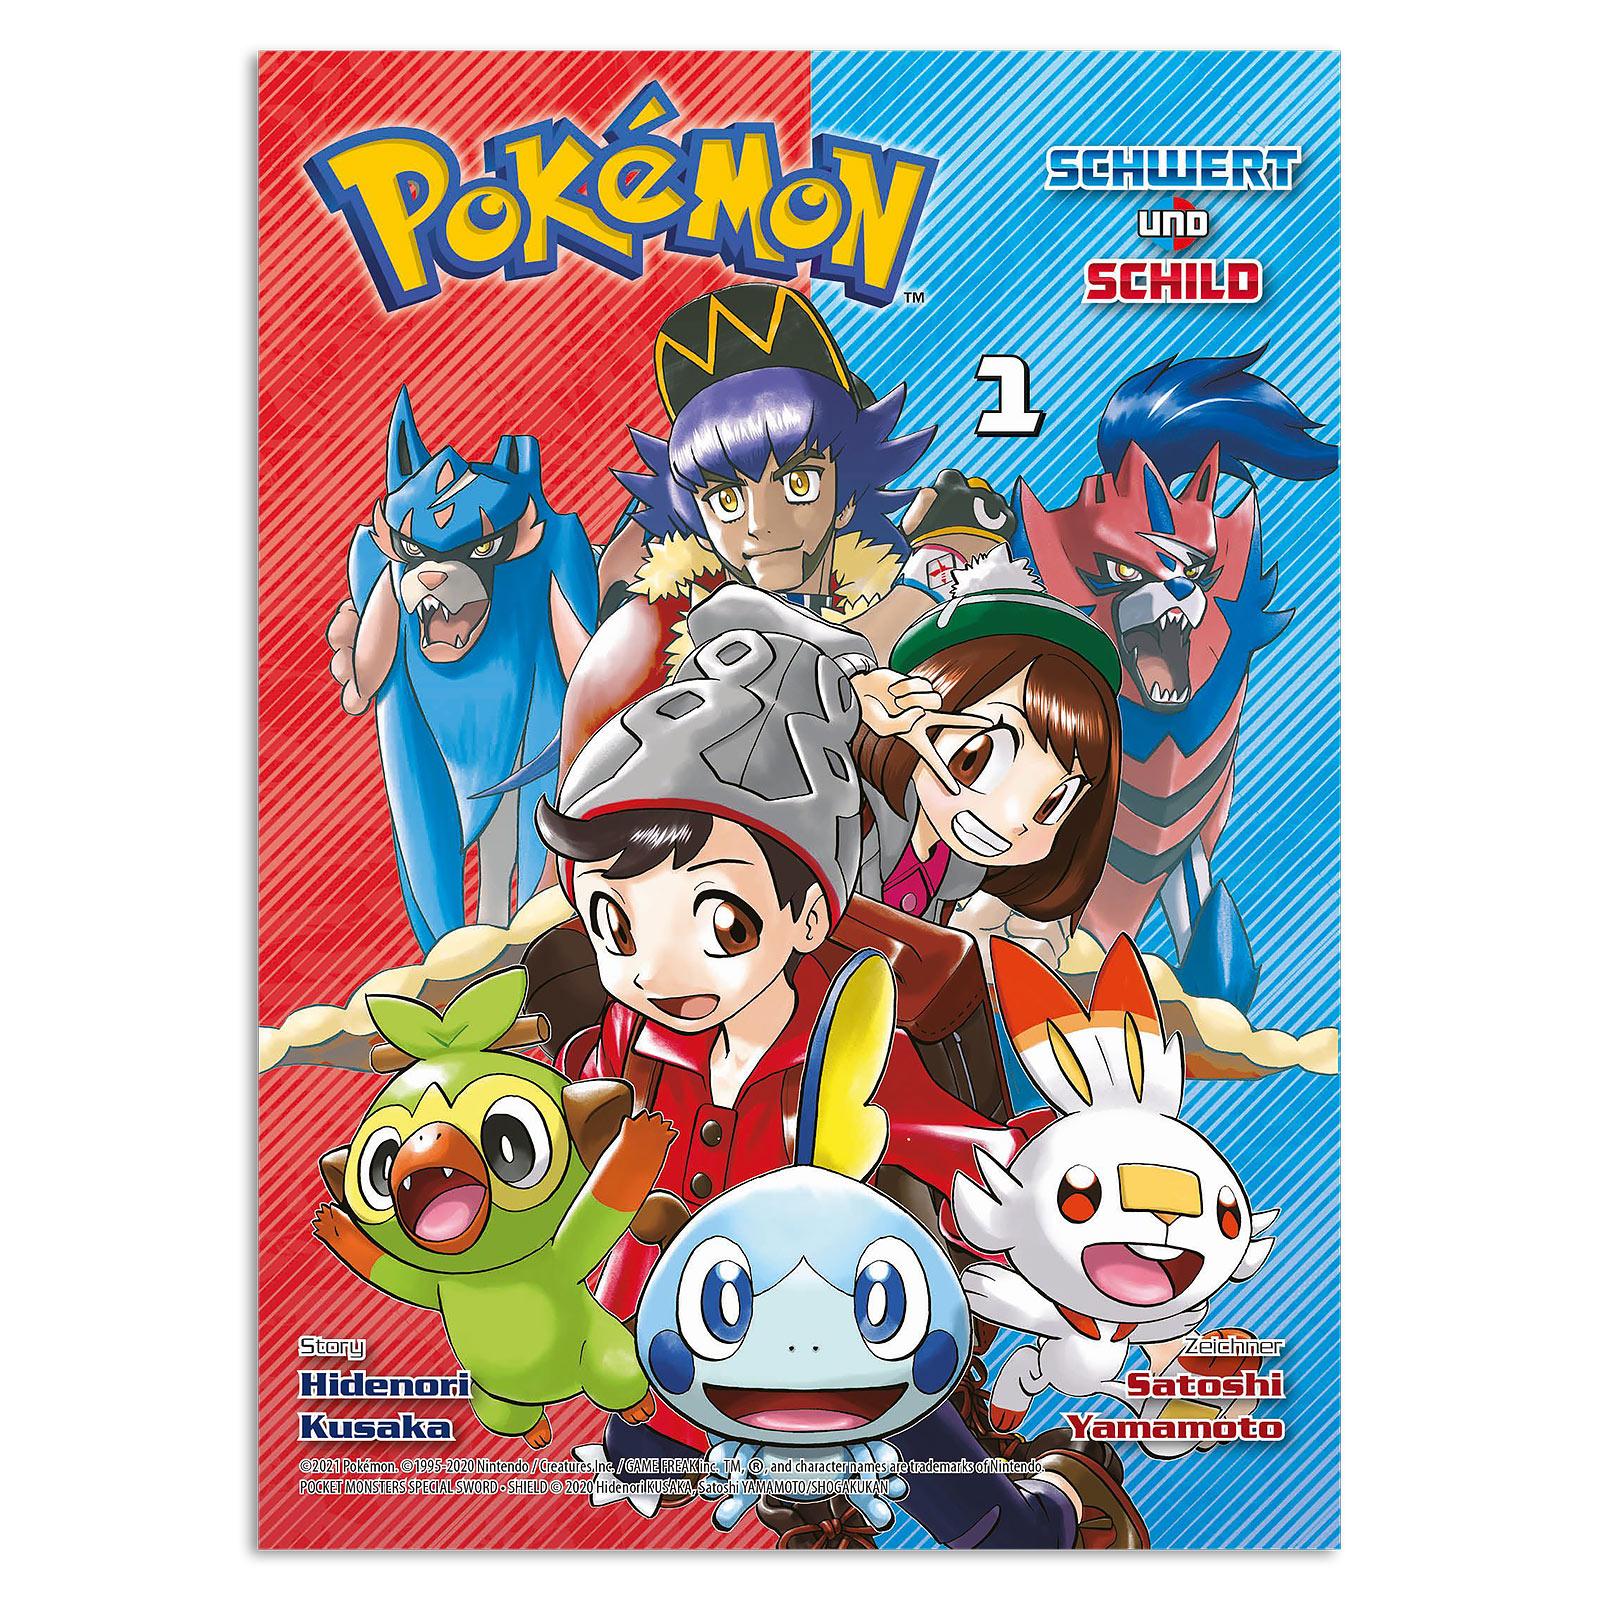 Pokémon - Schwert und Schild Band 1 Taschenbuch